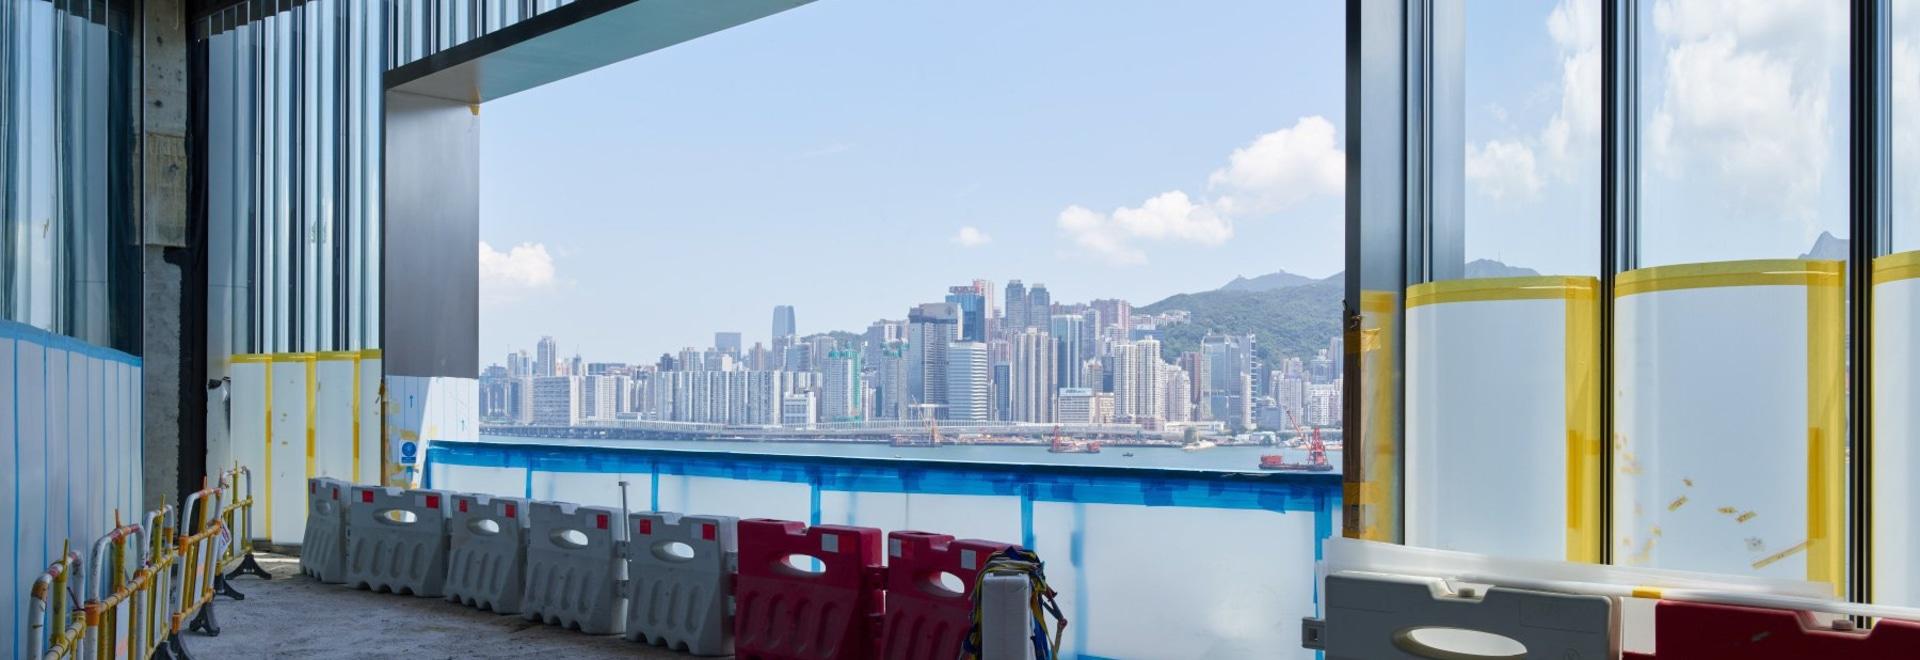 SO - IL progetta un museo d'arte contemporanea come parte del porto di victoria di hong kong kong